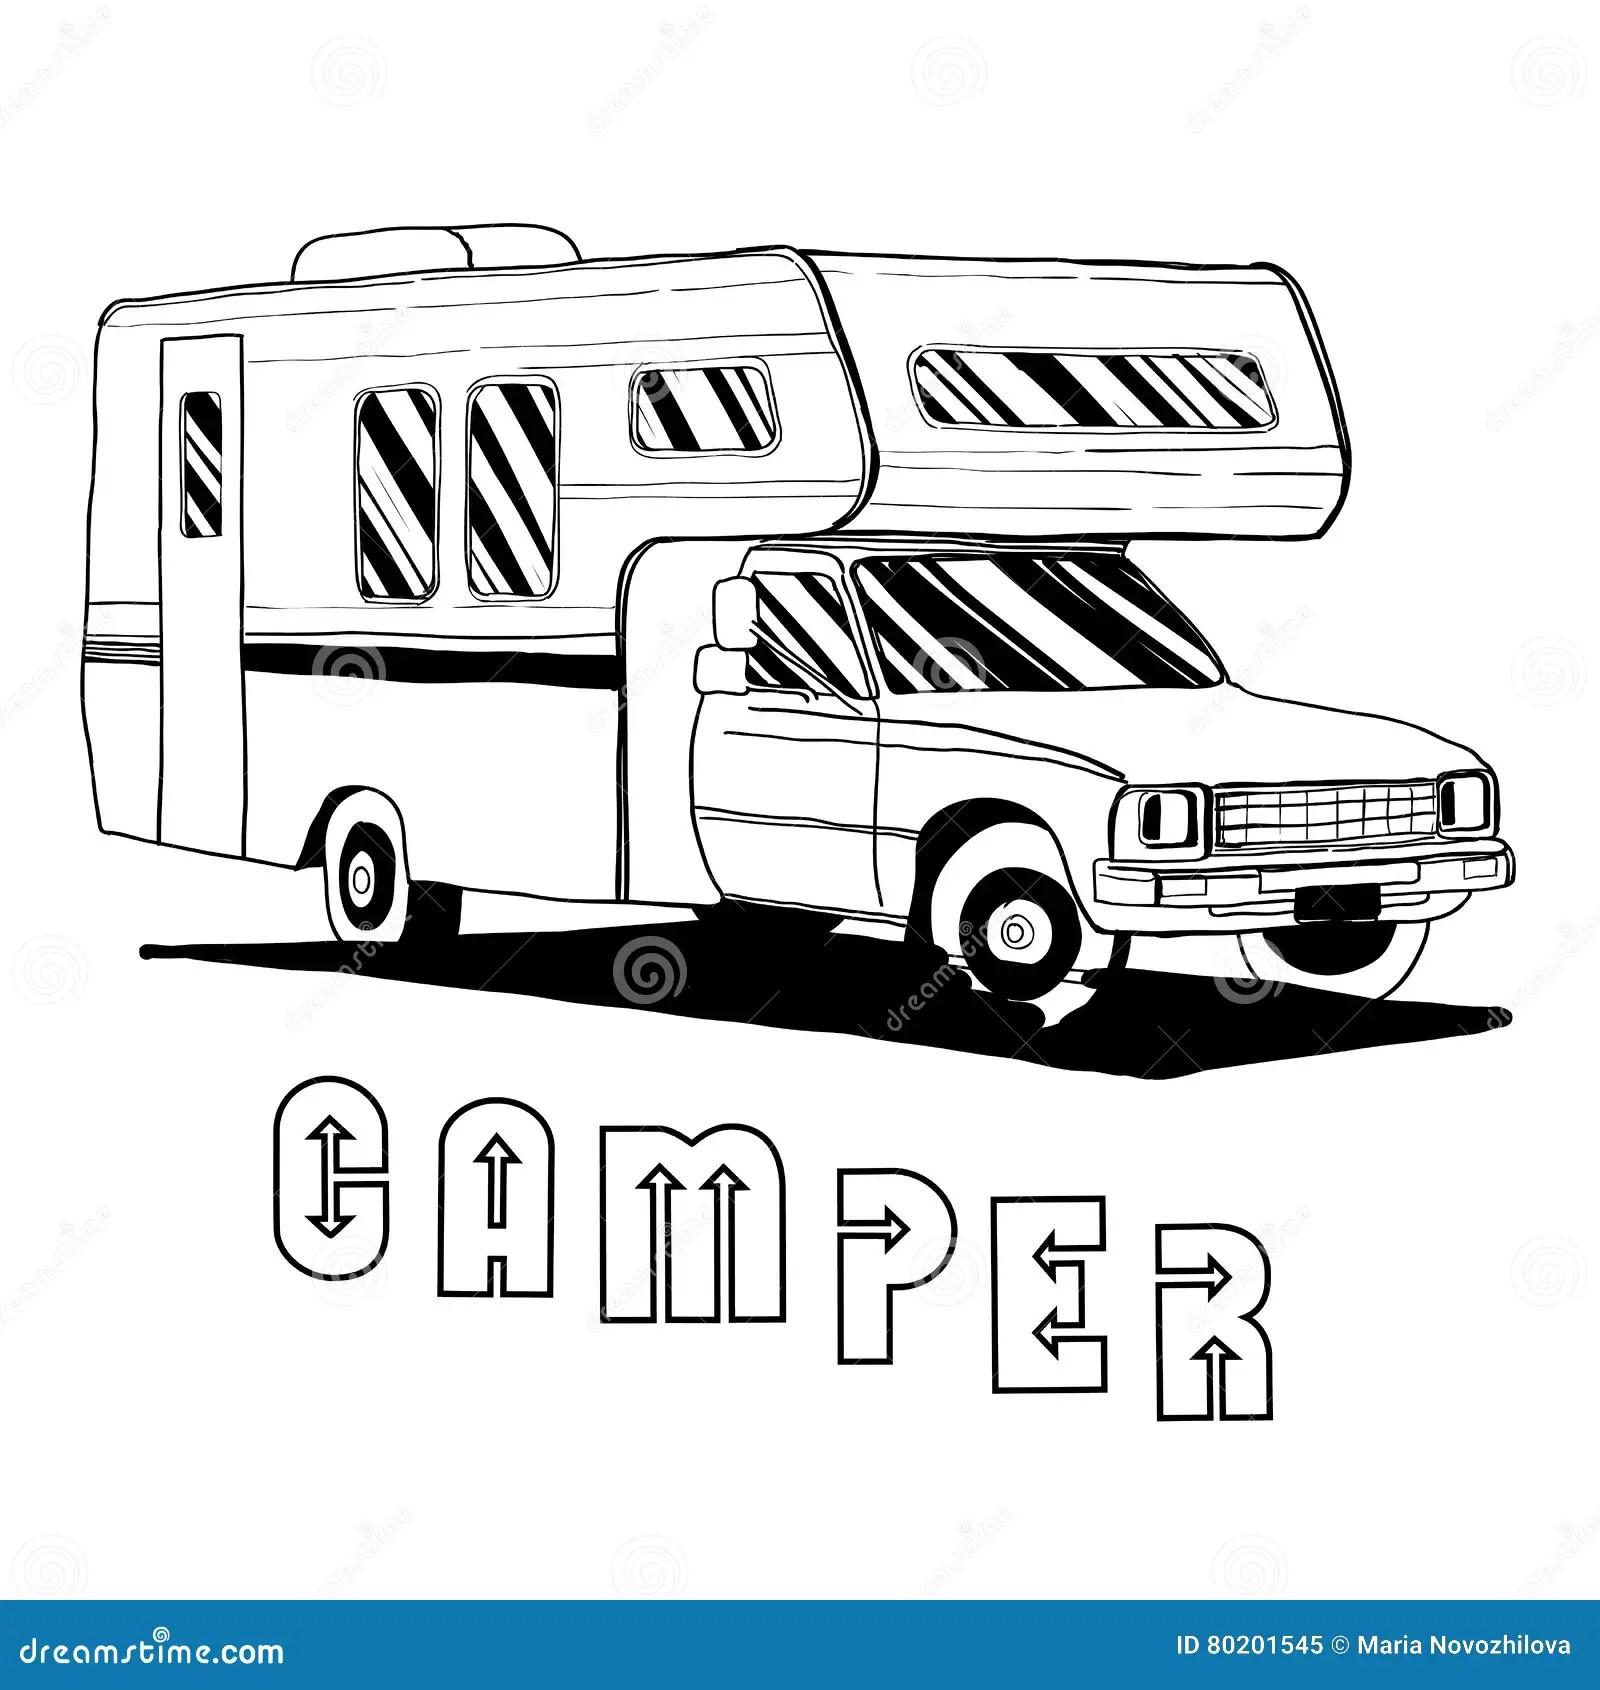 High Top Truck Camper